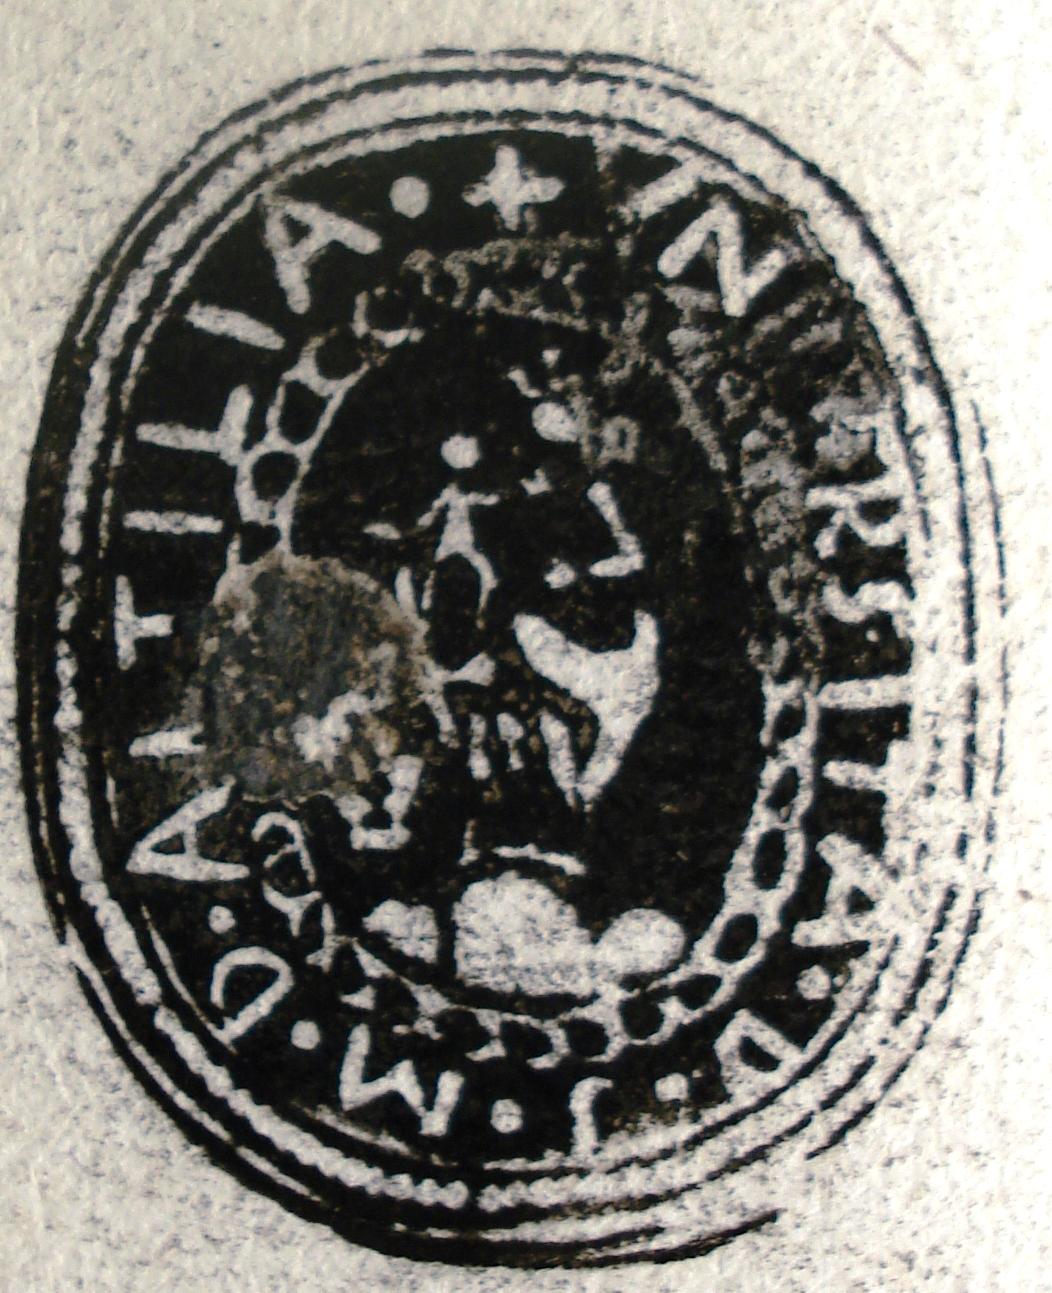 006 Sigillo dell'Uuiversità di Altilia